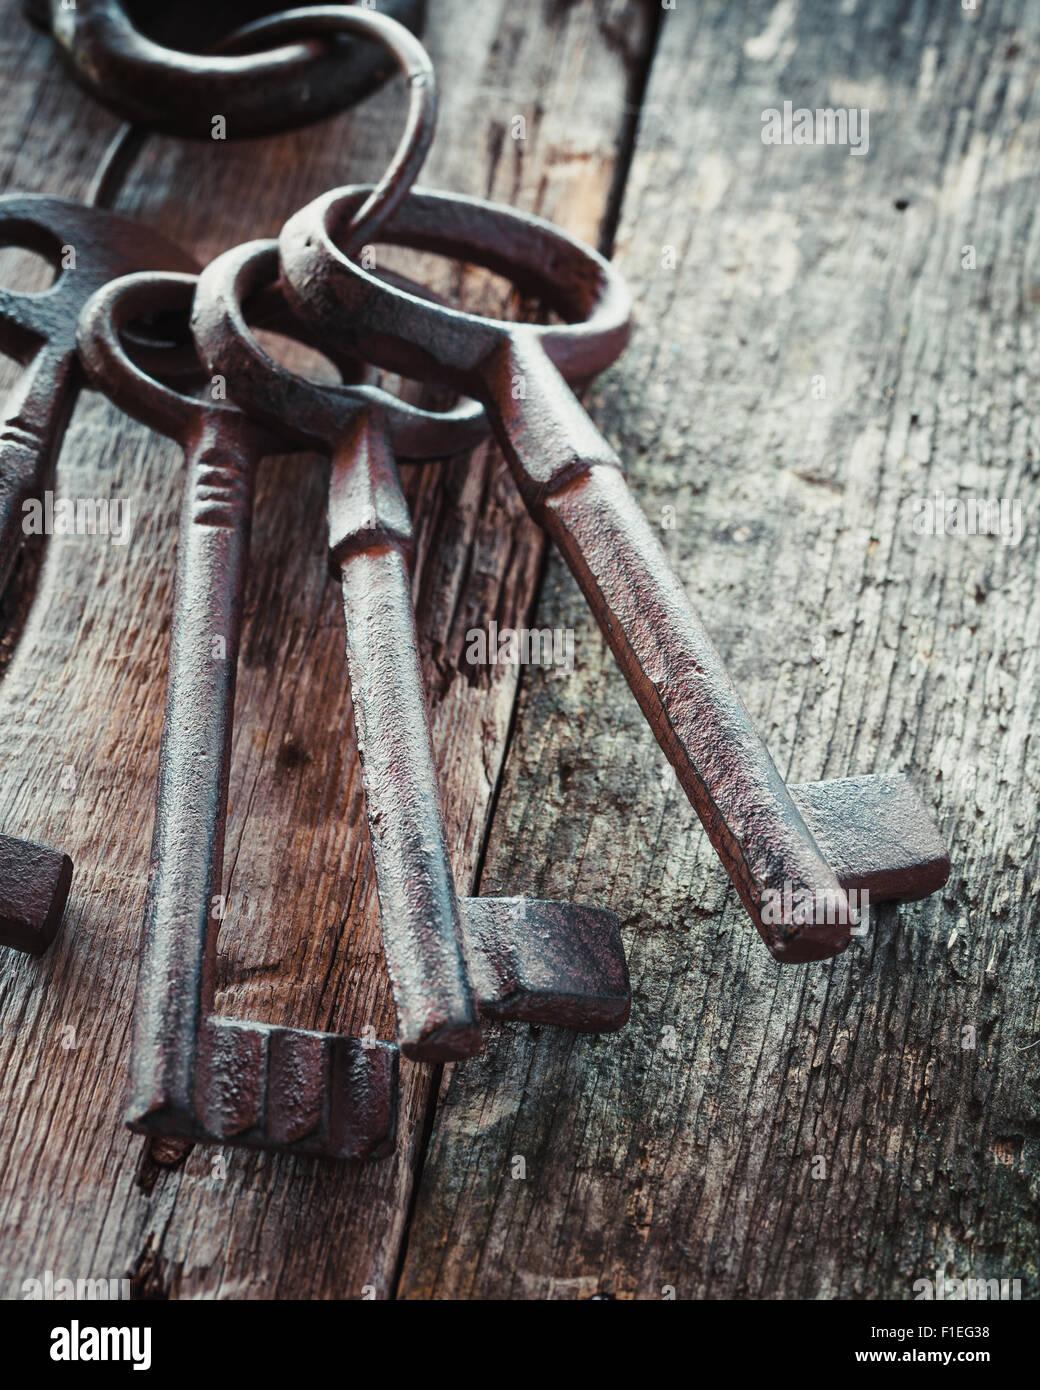 Old rusty keys sur fond de bois. Banque D'Images